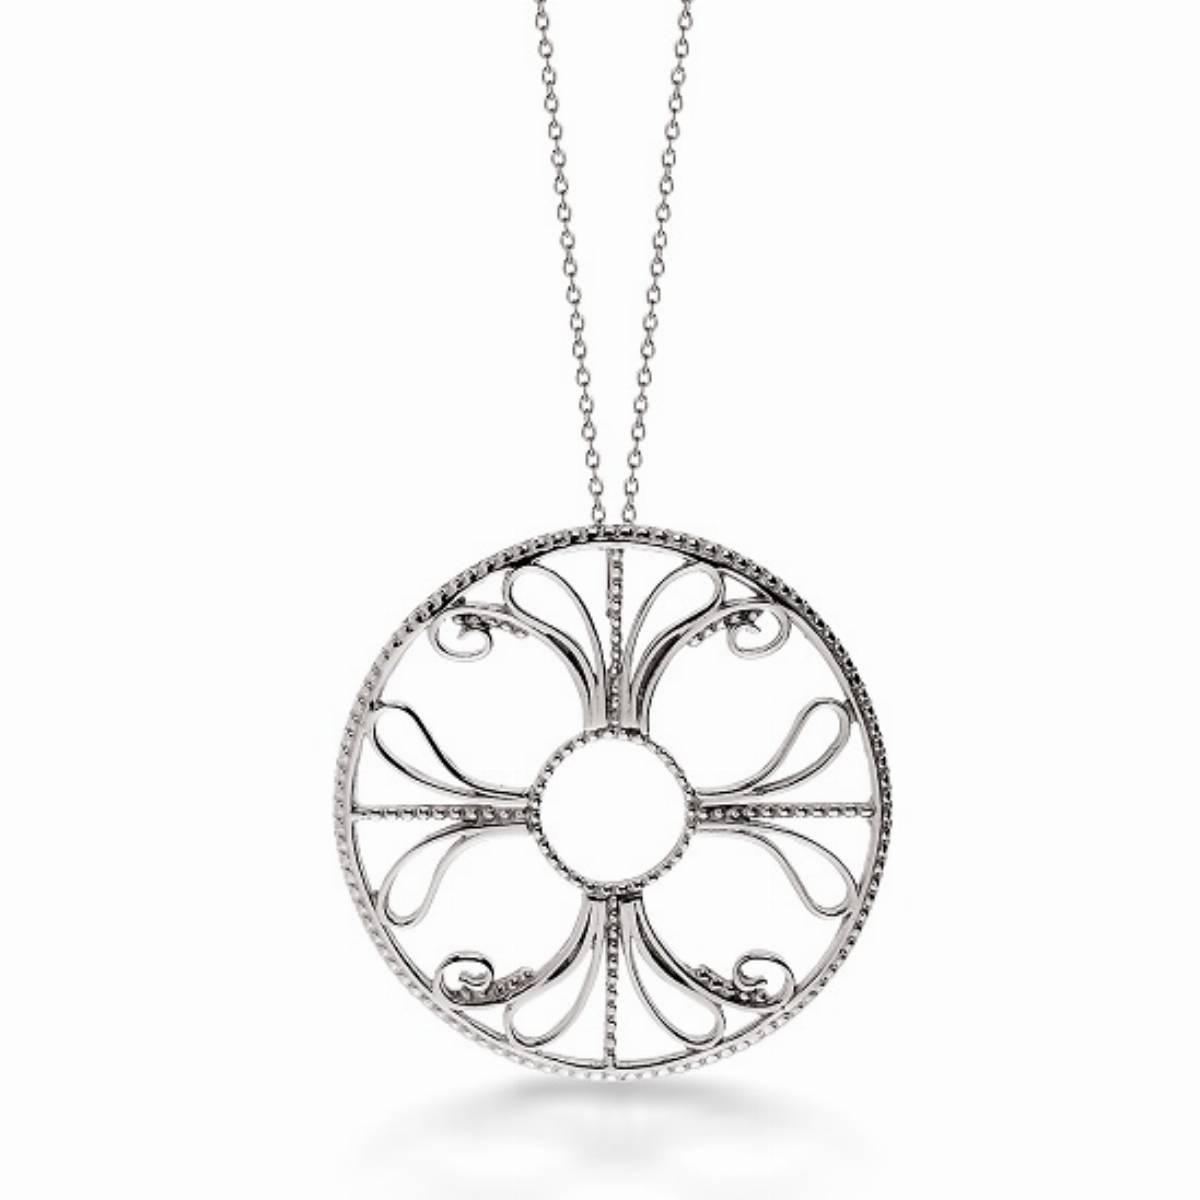 biżuteria W.Kruk-kolekcja odyseja (4)